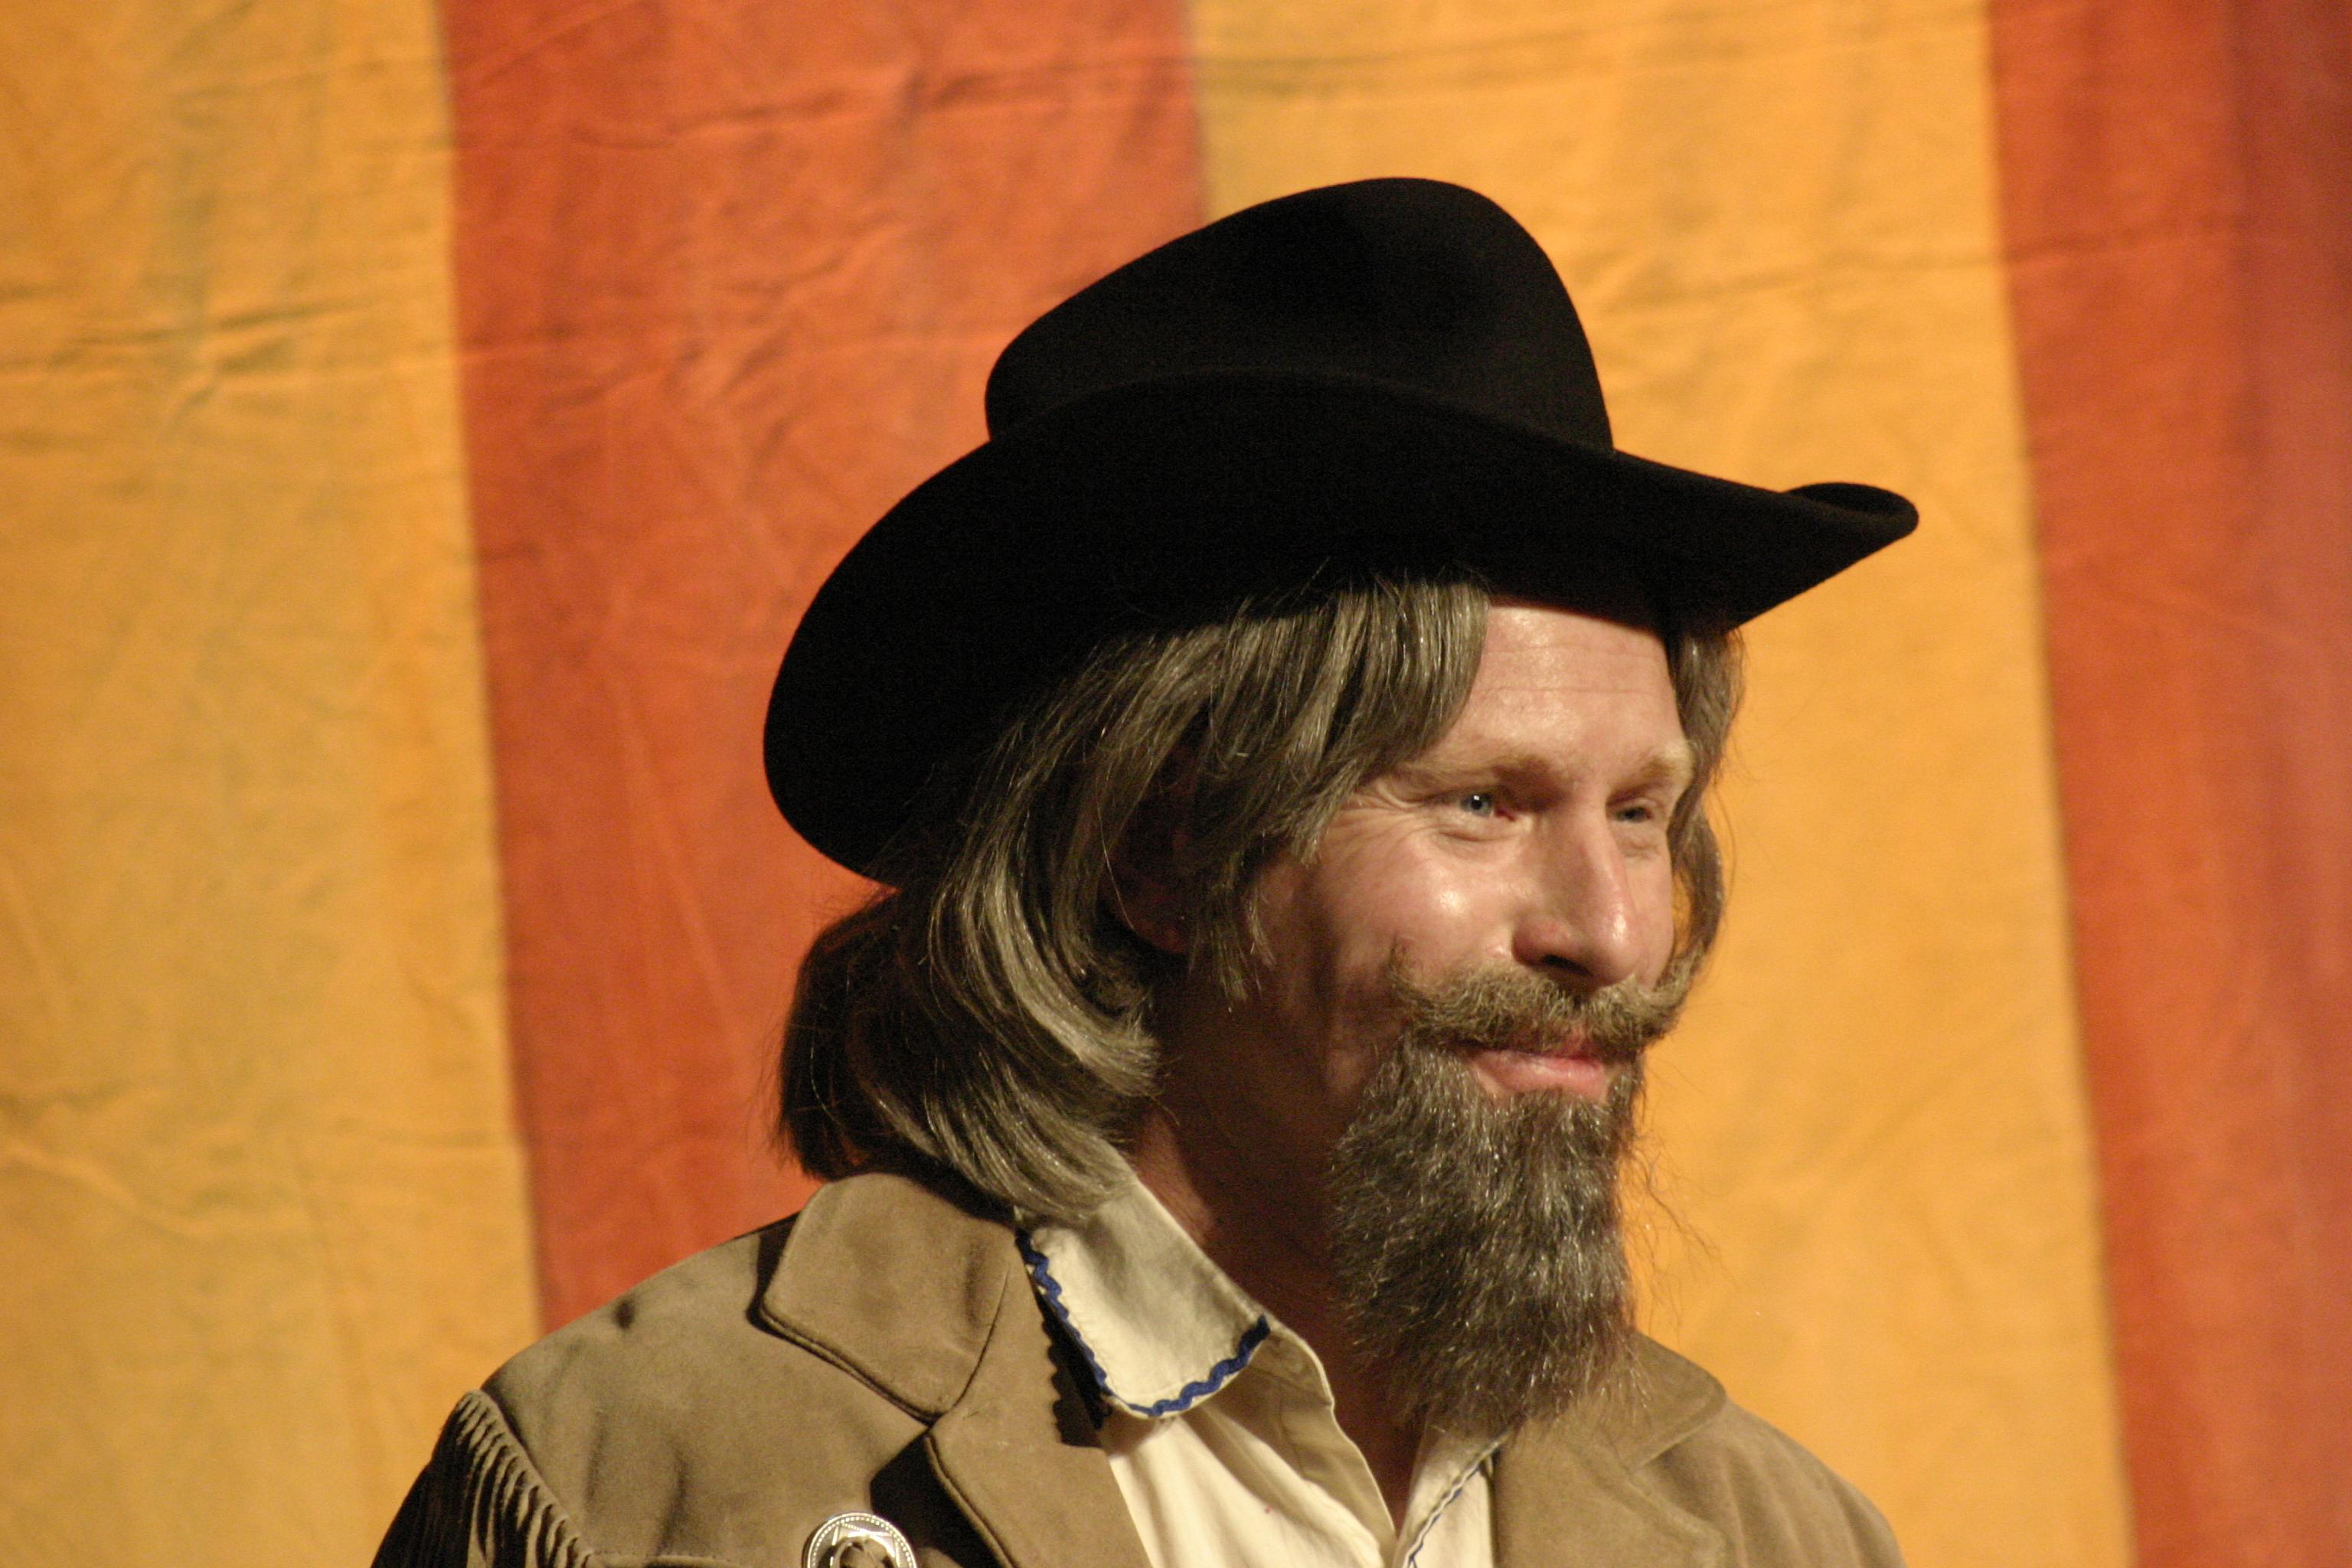 Wild Bill Hicock